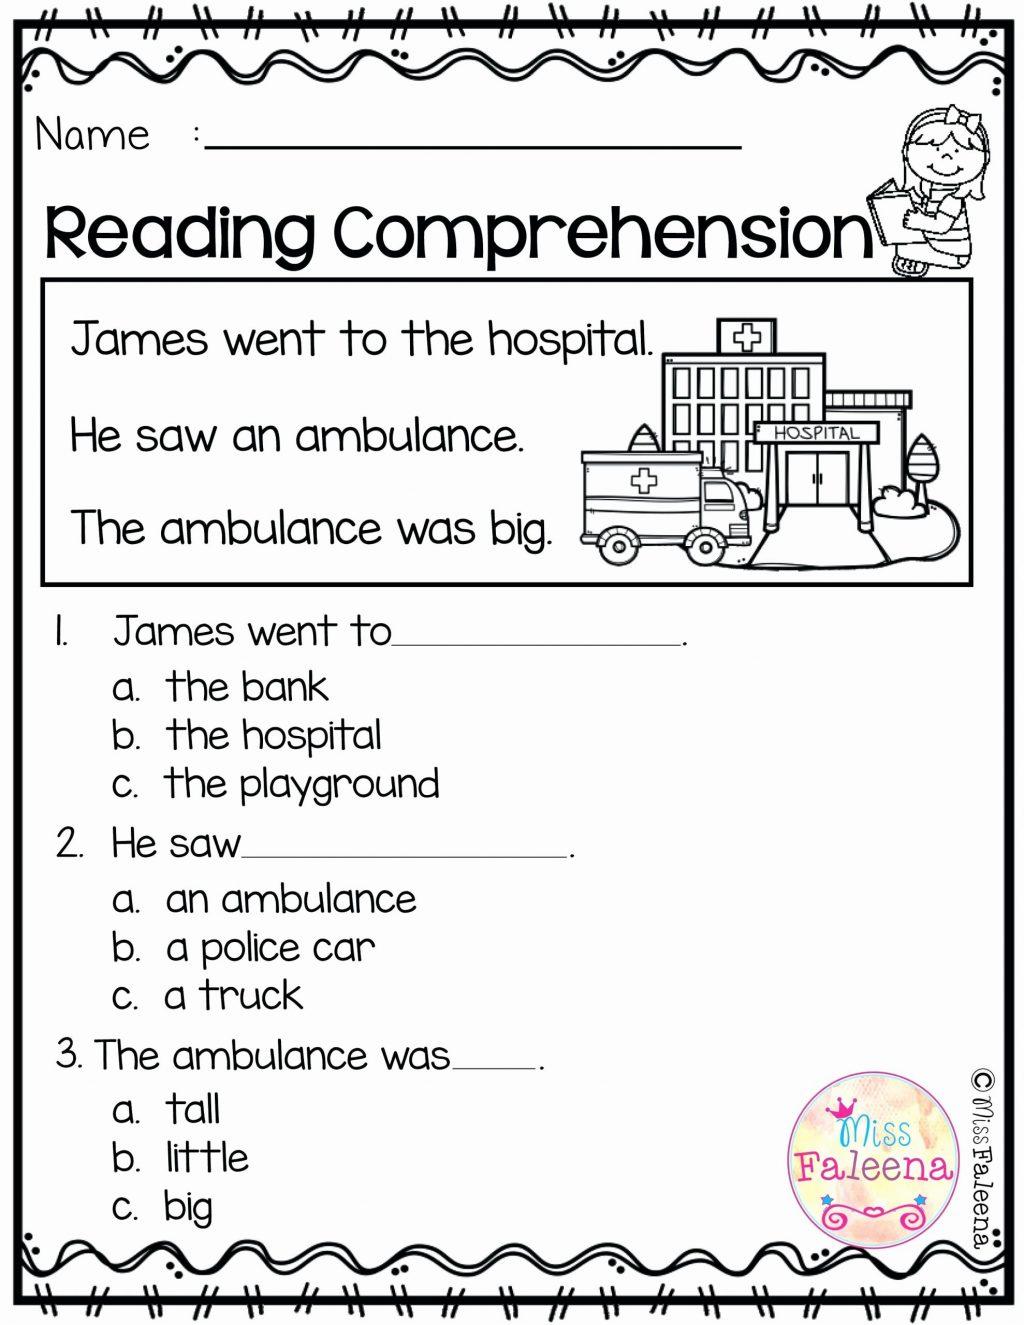 Worksheet Ideas ~ Reading Comprehension Test Online Free inside Multiplication Worksheets Online Free